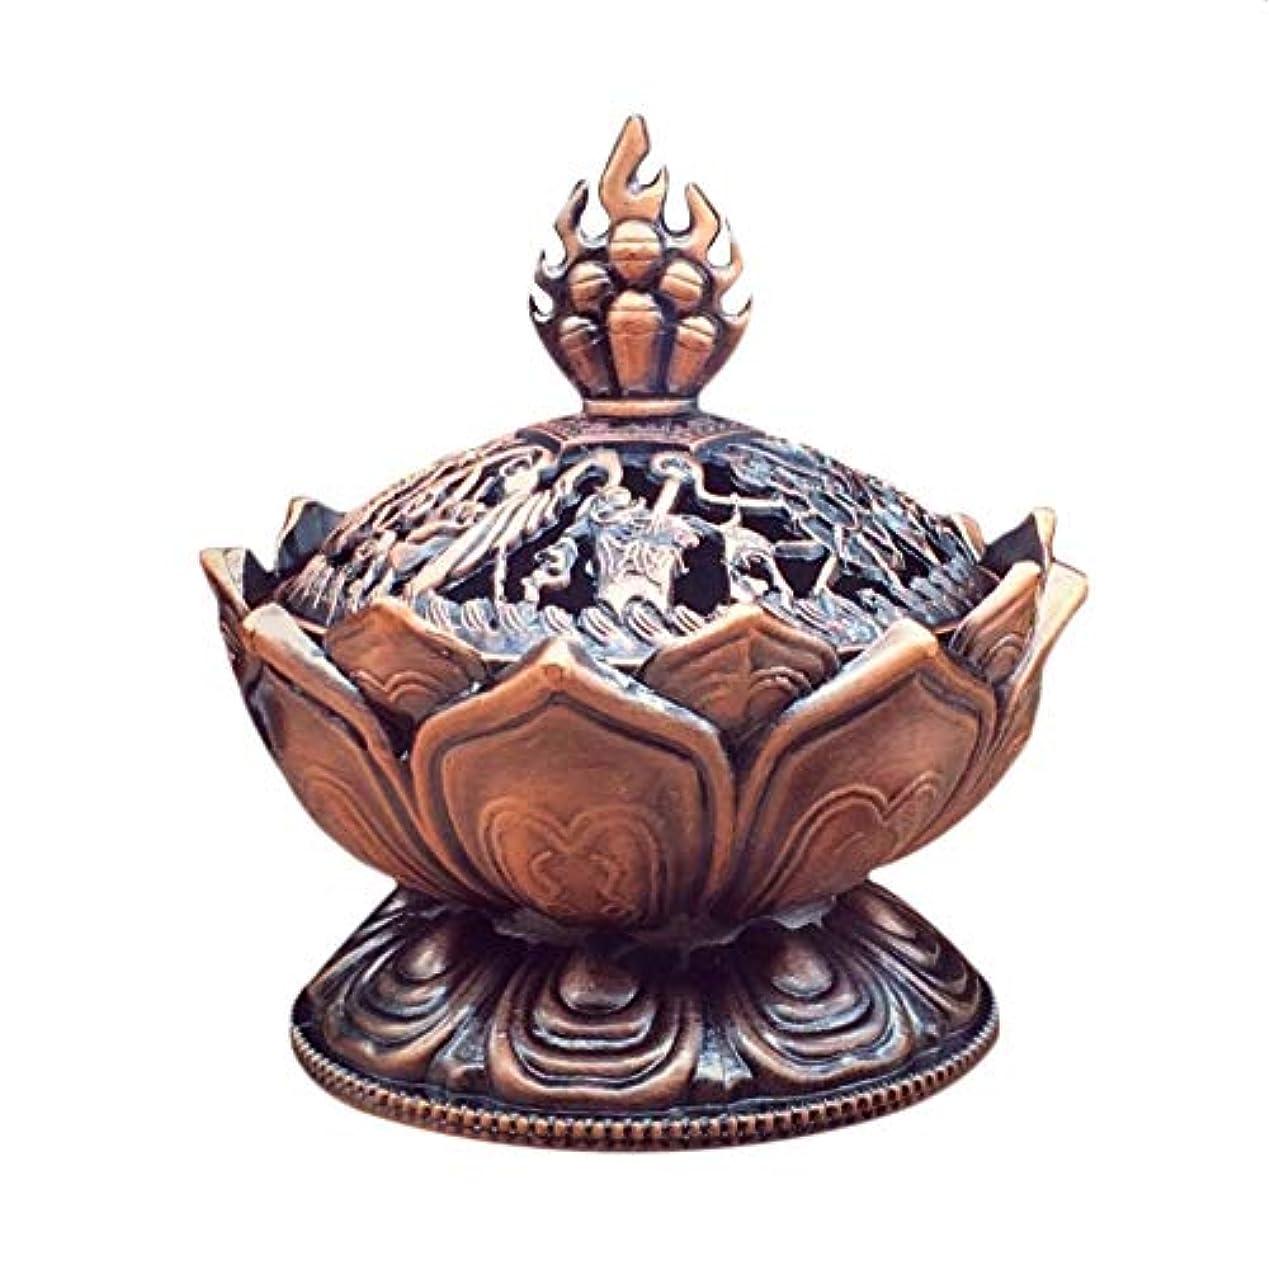 乗り出す概して恨みBonni 聖チベットロータスデザイン香炉亜鉛合金ブロンズミニ香炉香炉金属工芸家の装飾